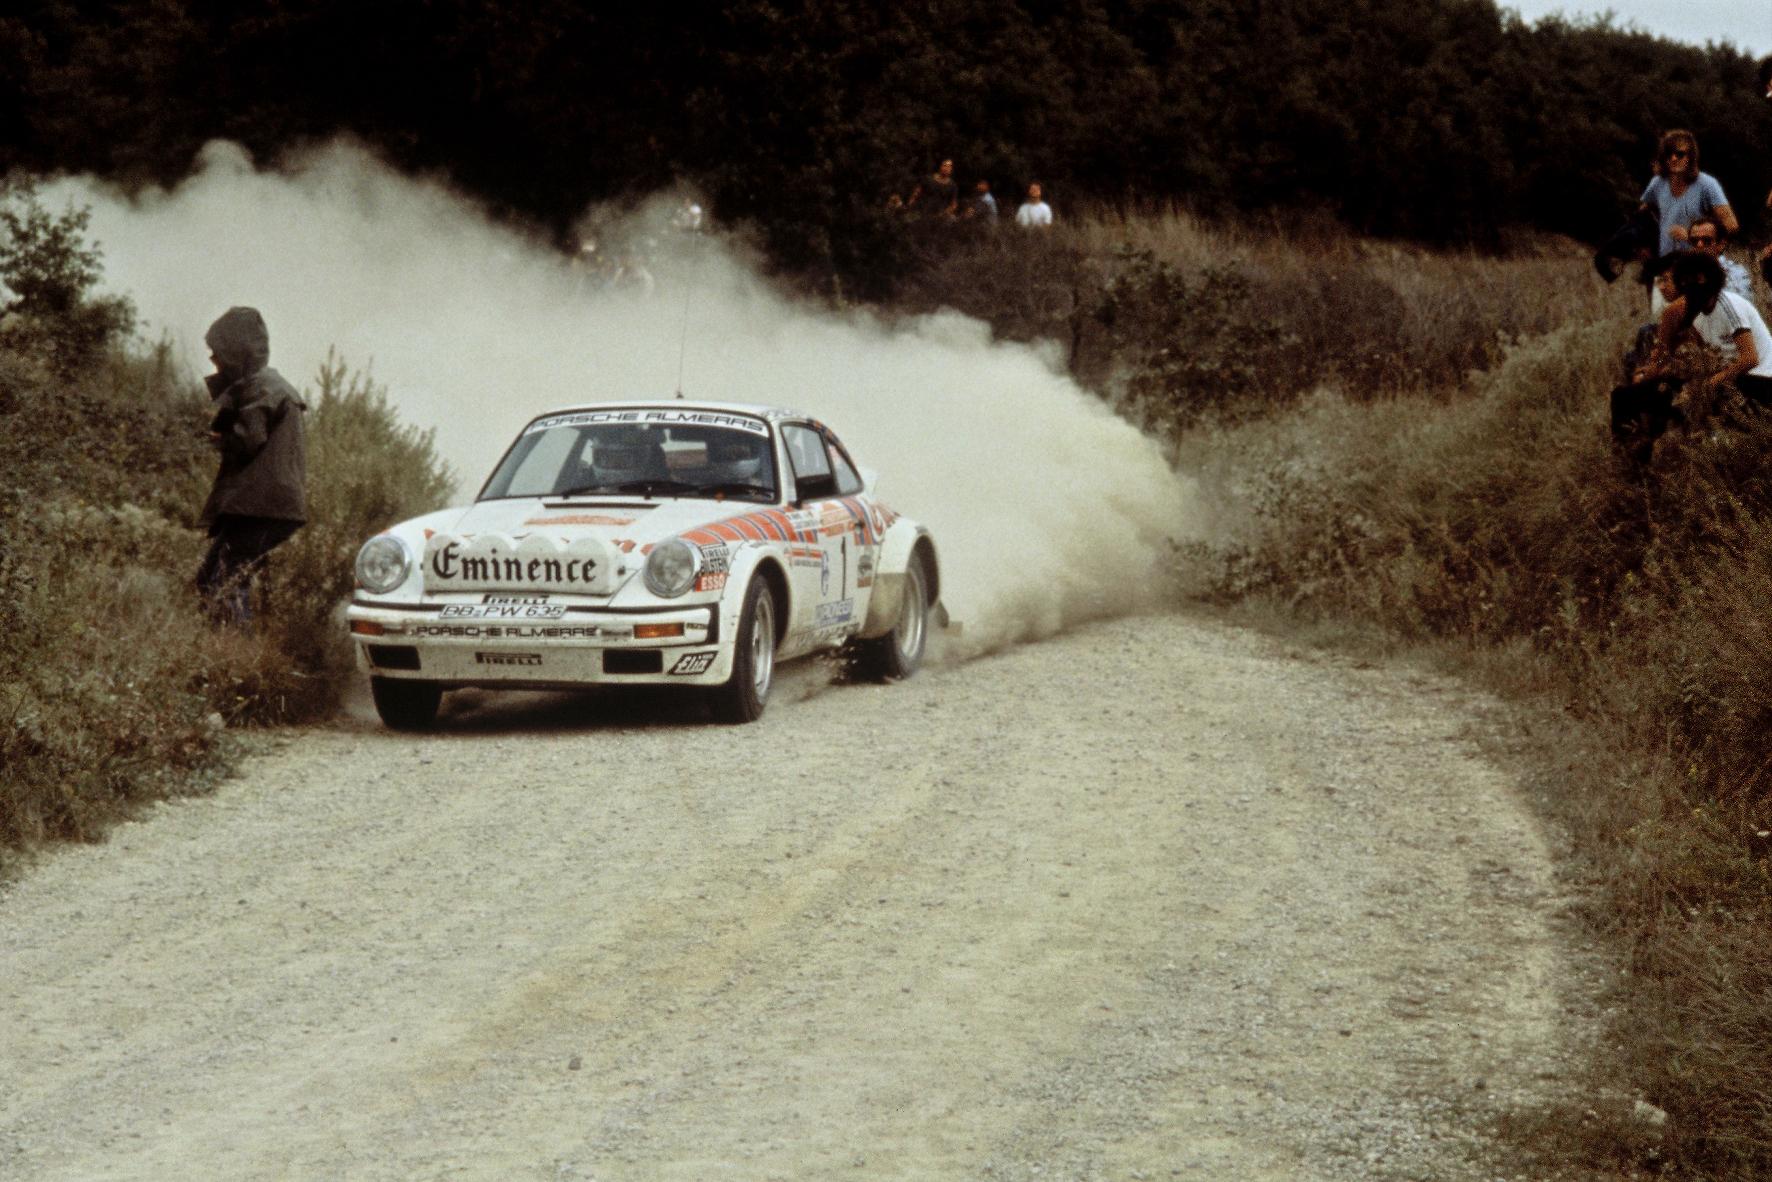 Ein Bild mit Seltenheitswert: Der Porsche 911 SC bestritt nur einen einzigen Wettbewerbseinsatz - und zwar 1981 bei der Rallye San Remo (Foto).